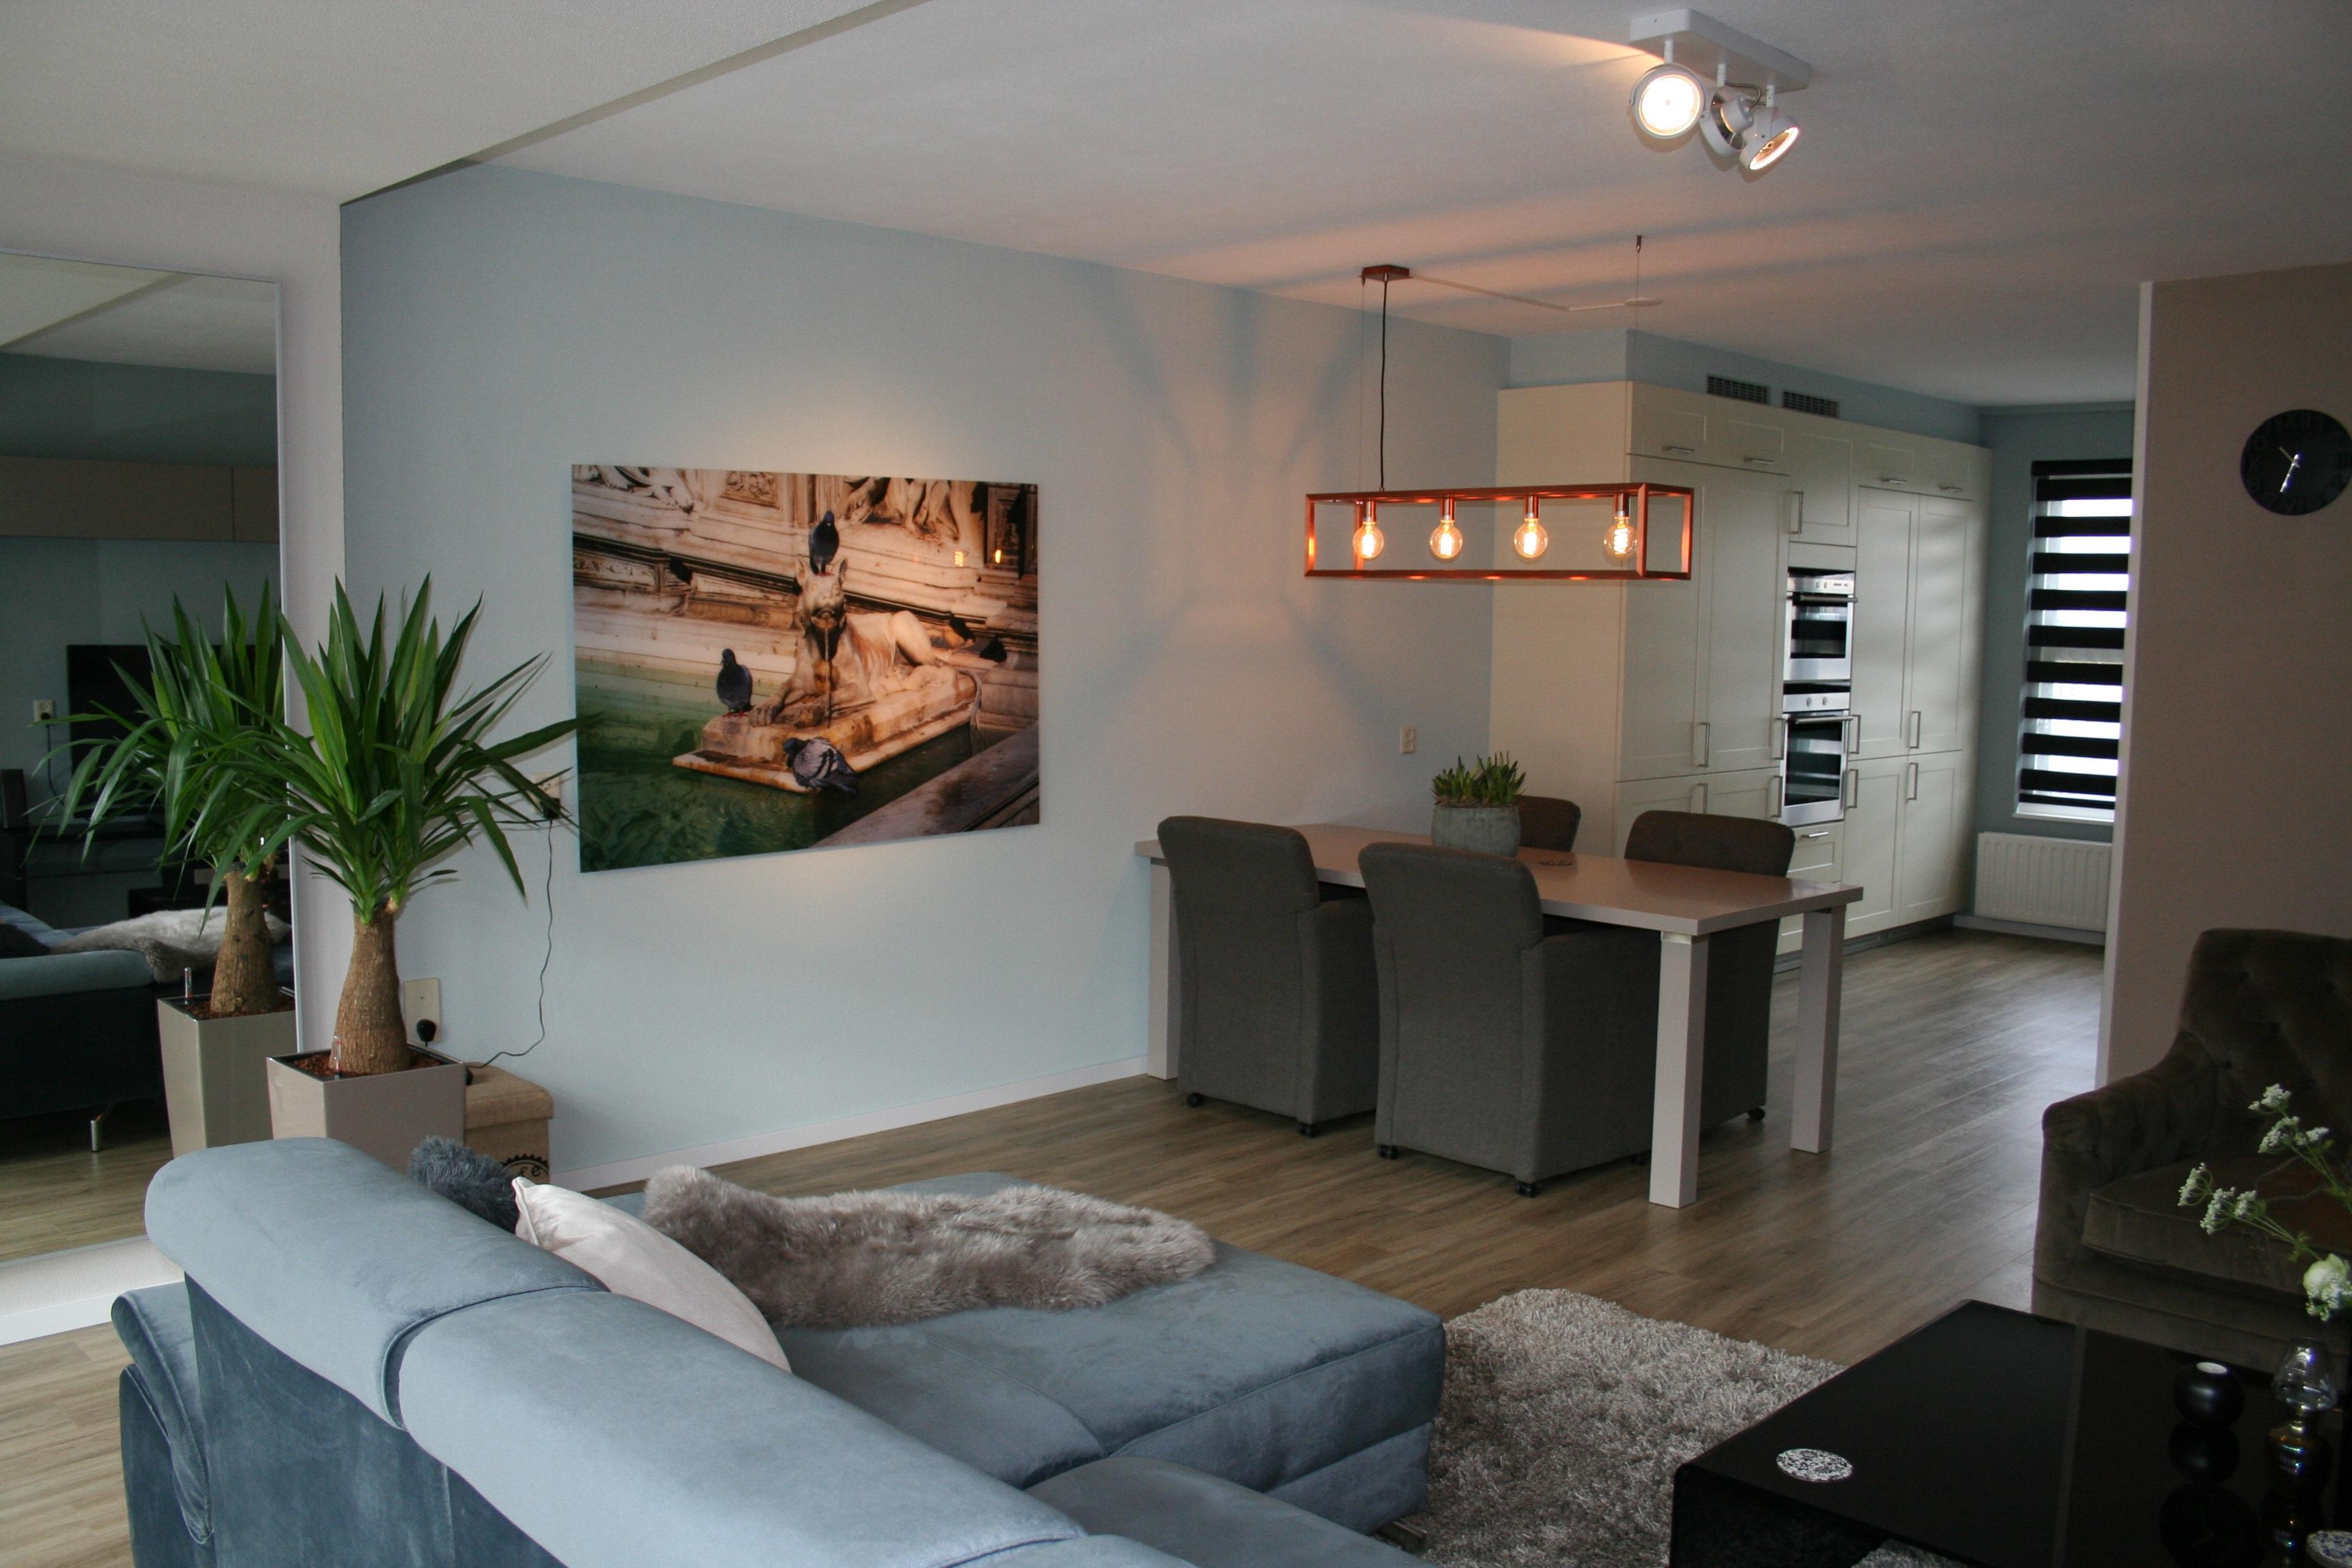 Hintergrundbilder : Zimmer, Innere, Innenarchitektur, Hütte ...